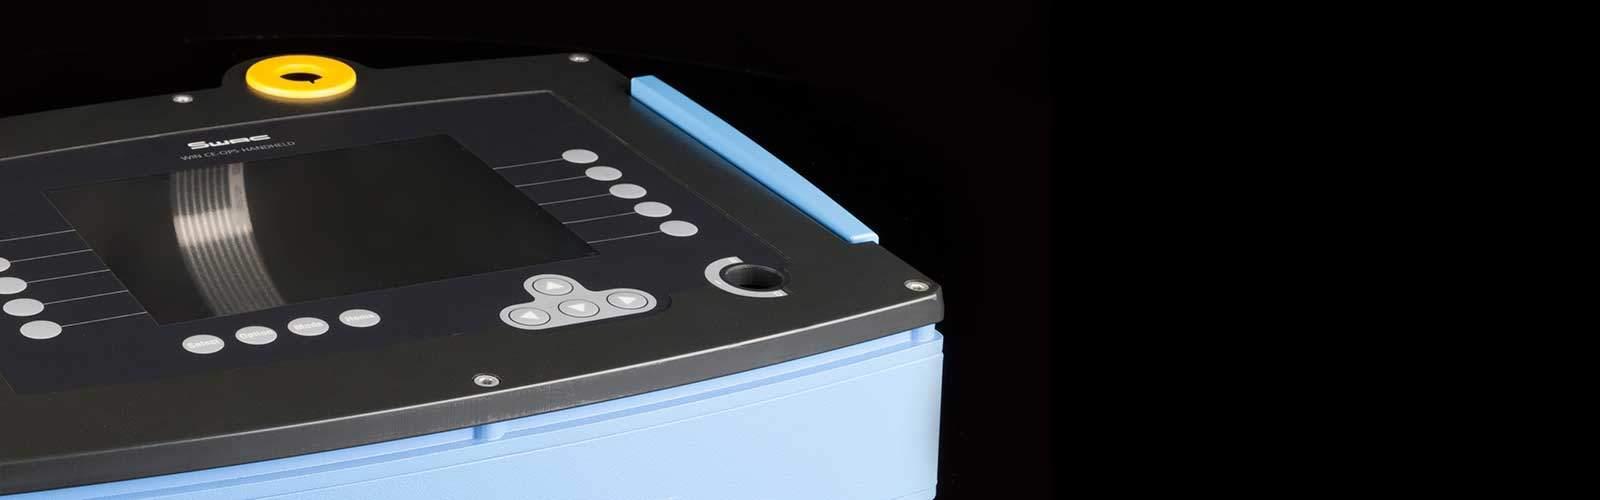 Gehäuse mit eingebauter Folientastatur von mentec®